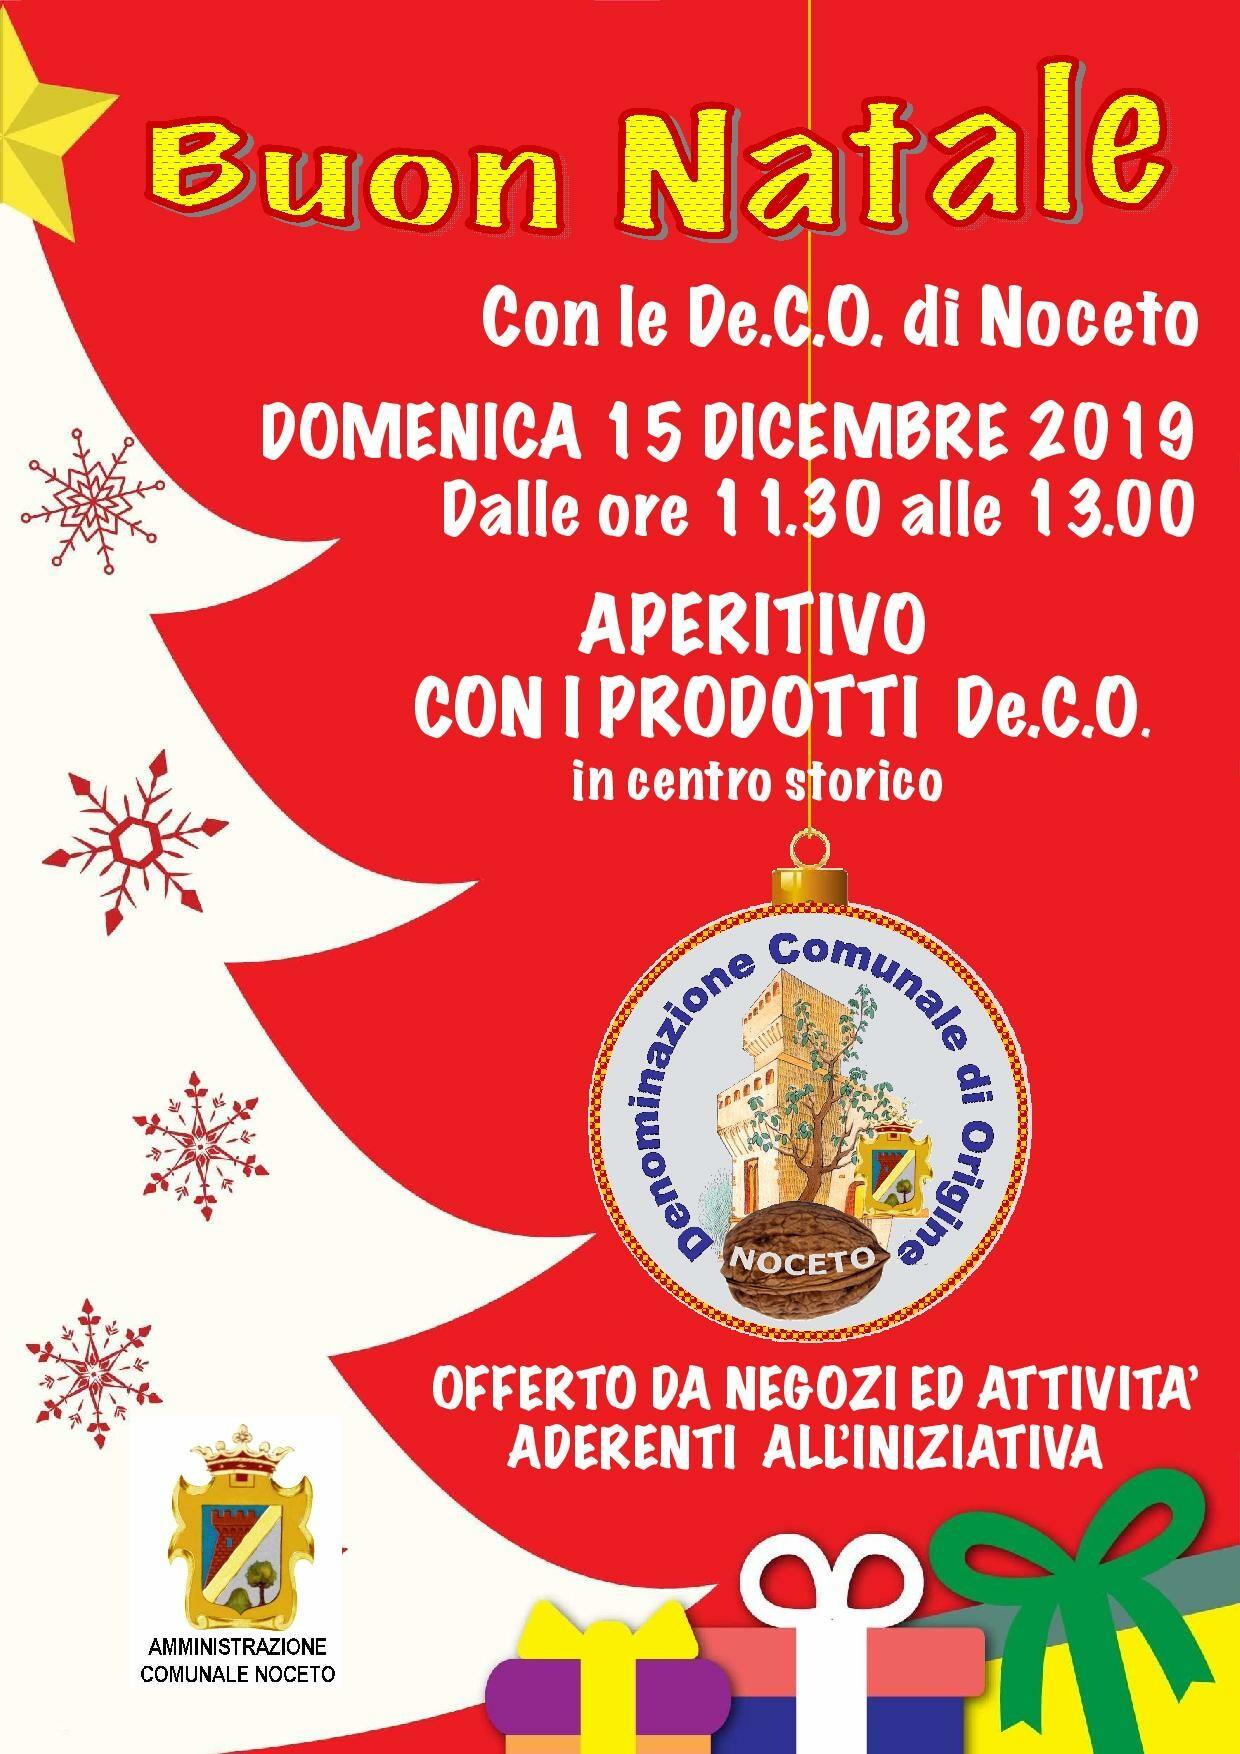 Buon Natale con le De.C.O. di Noceto